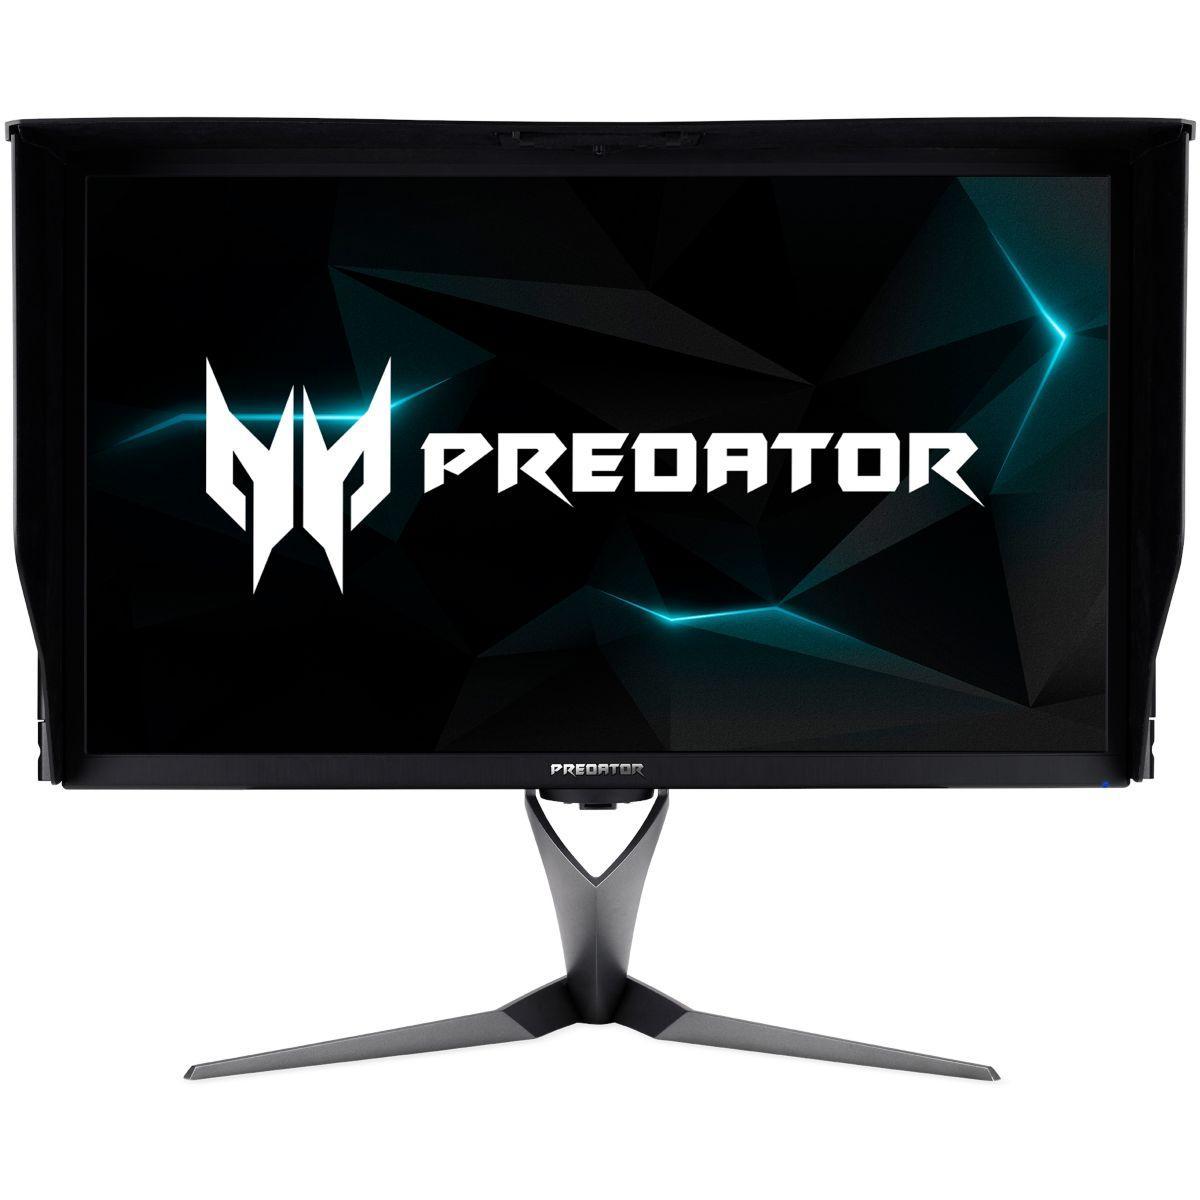 Ecran pc 4k acer predator x27 - 2% de remise imm�diate avec le code : deal2